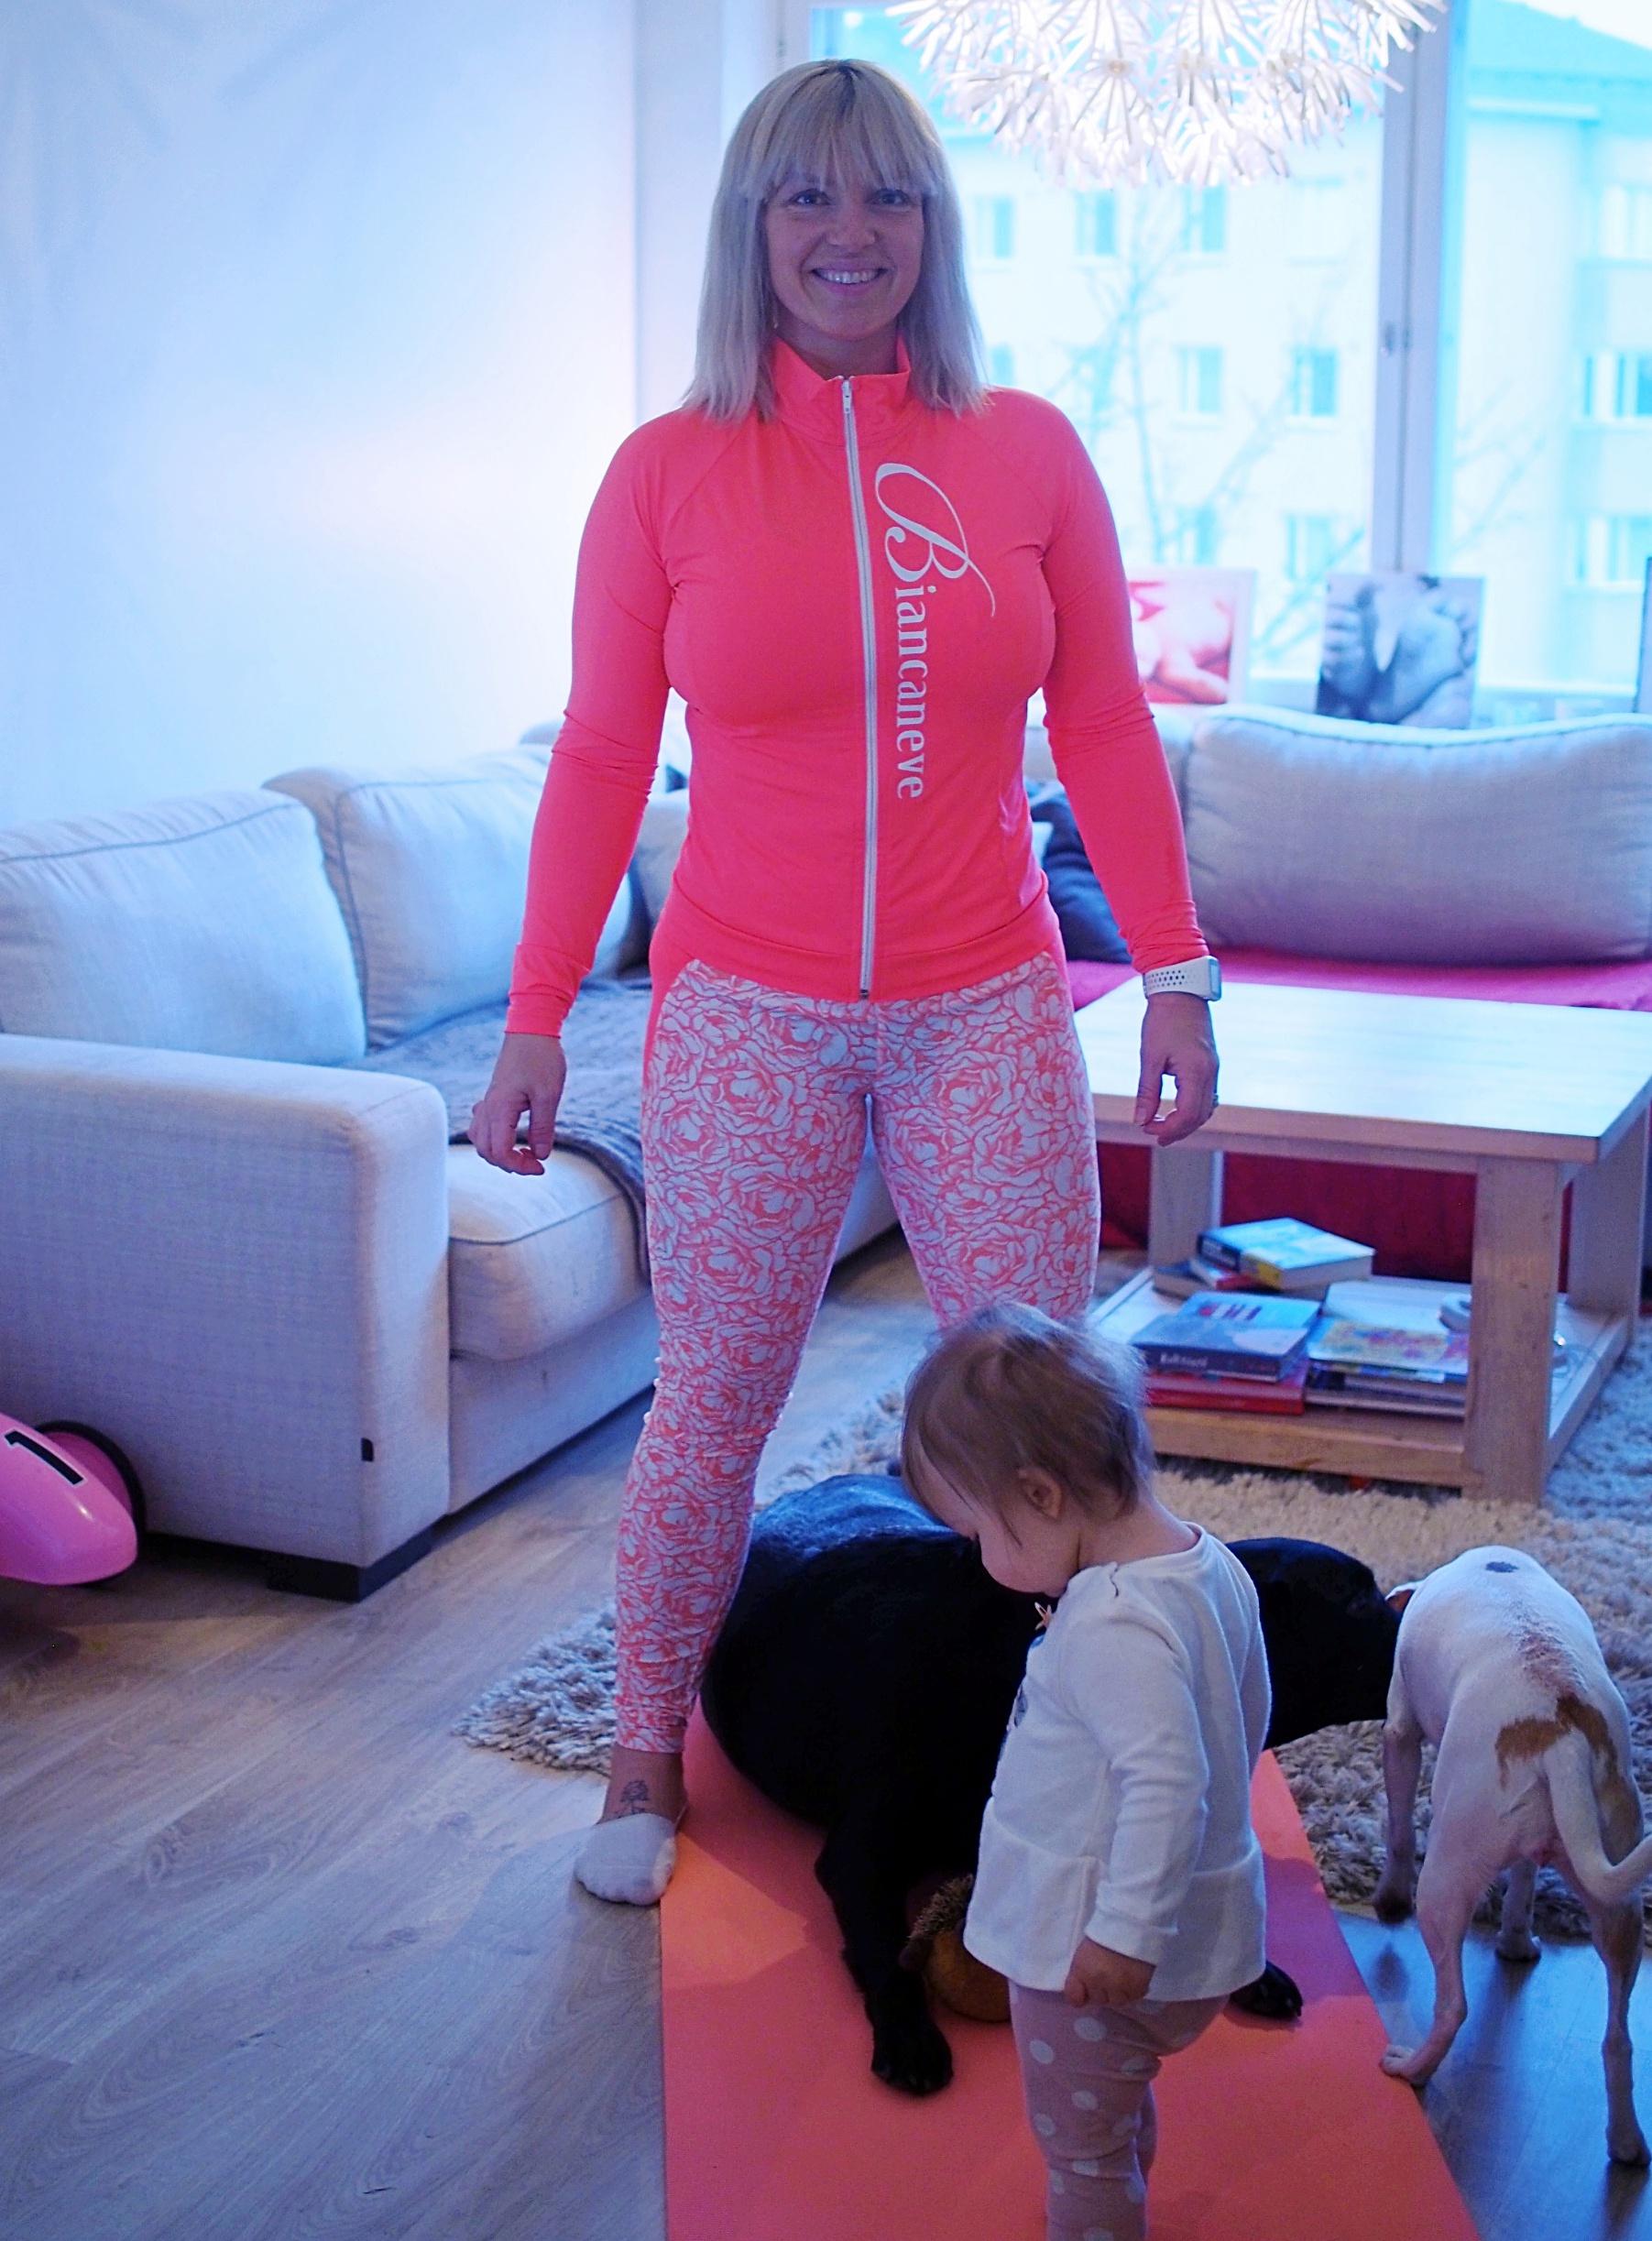 Kotitreeni - sula mahdottomuus koira- ja lapsiperheessä?